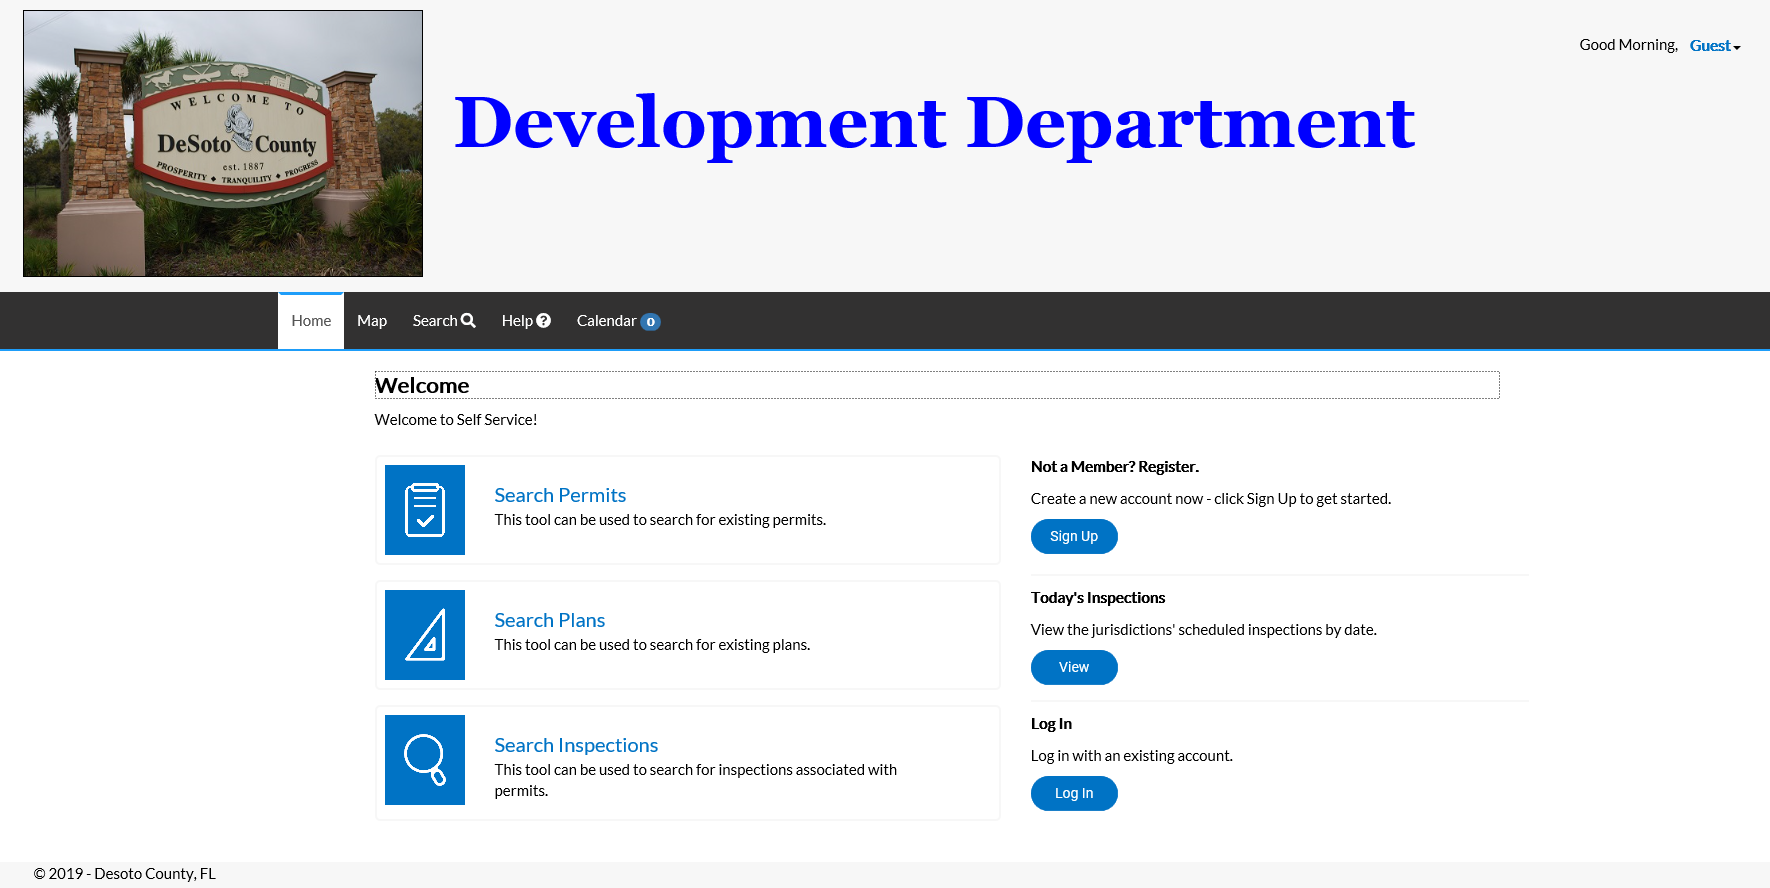 Development Department website